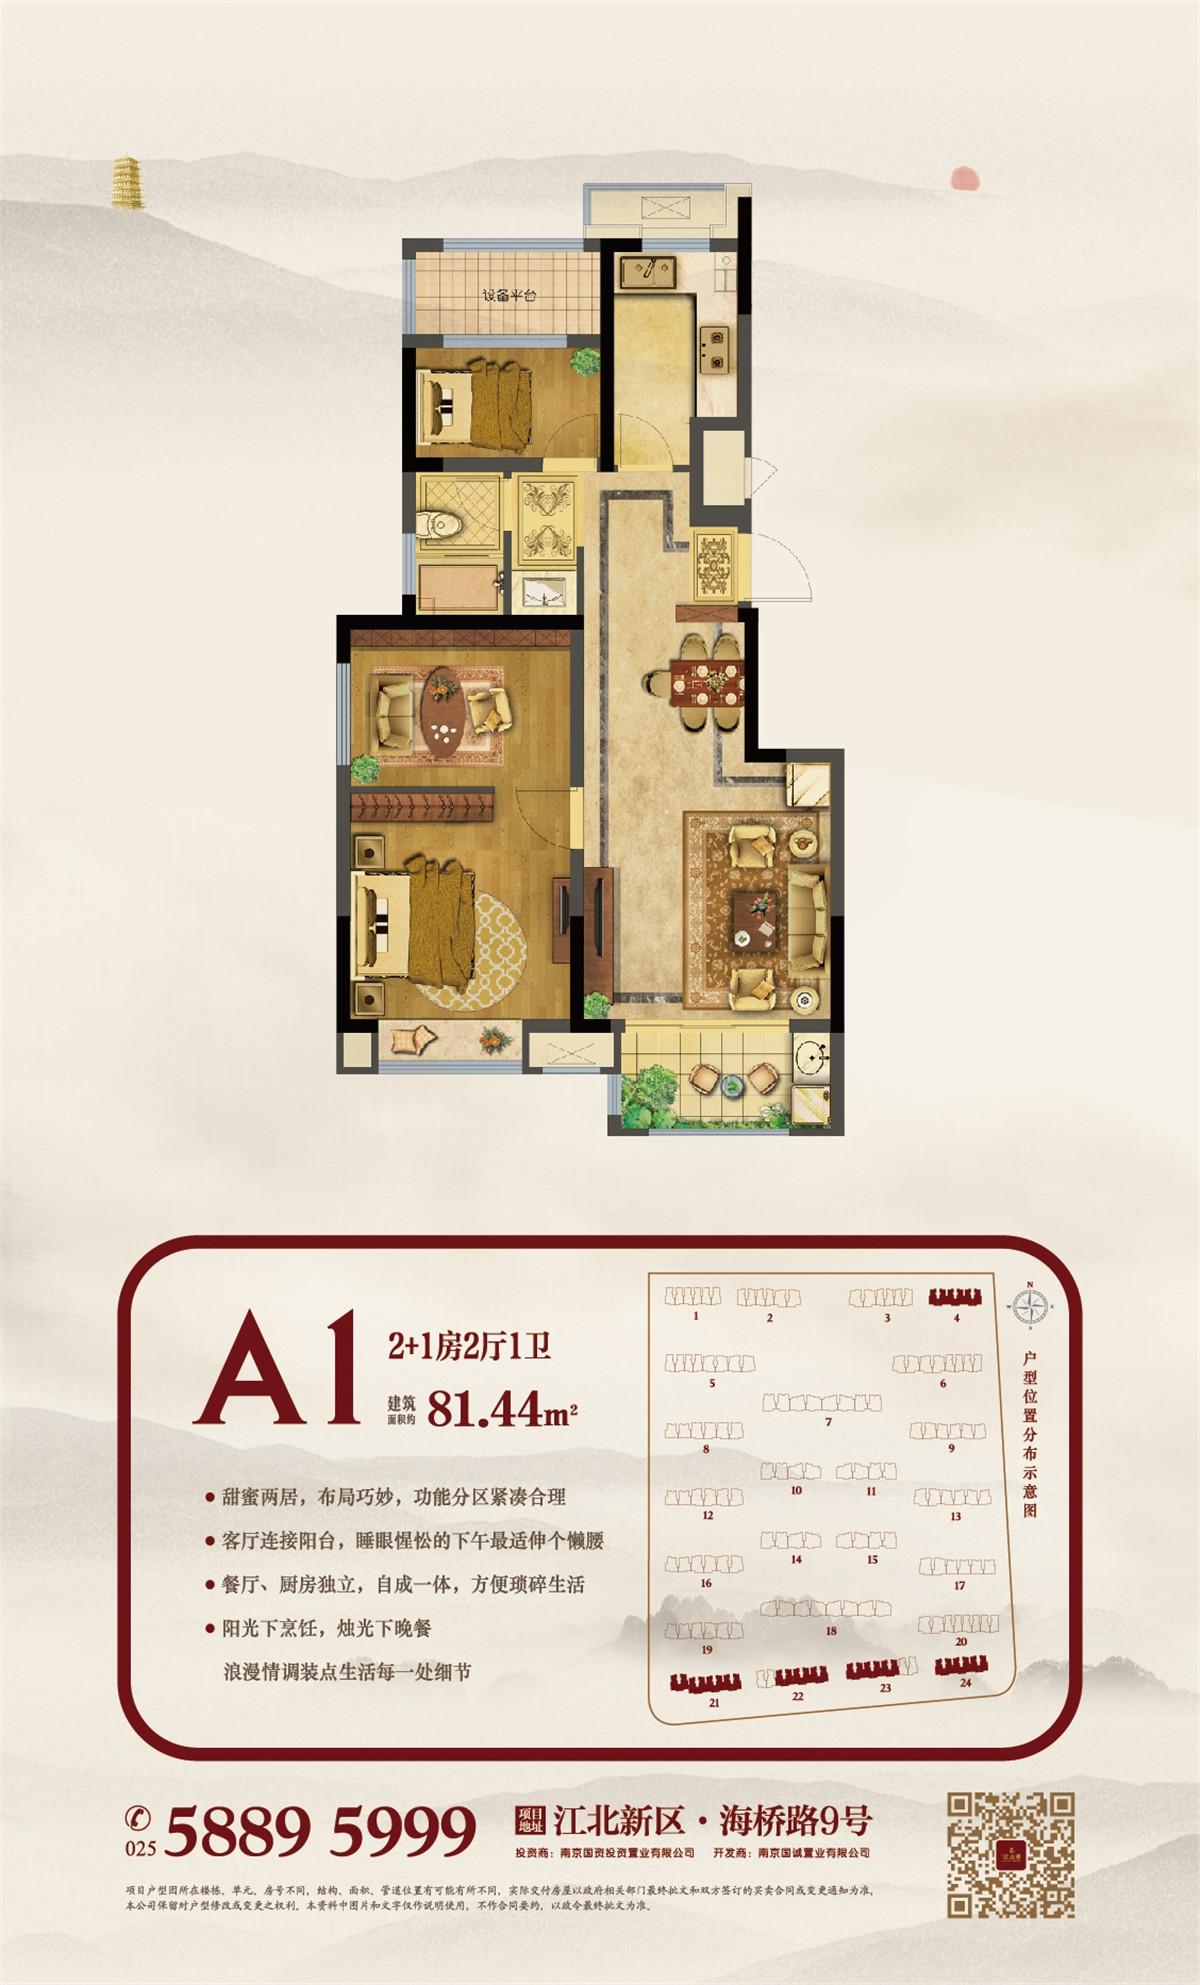 江山薈A1户型图81.44㎡